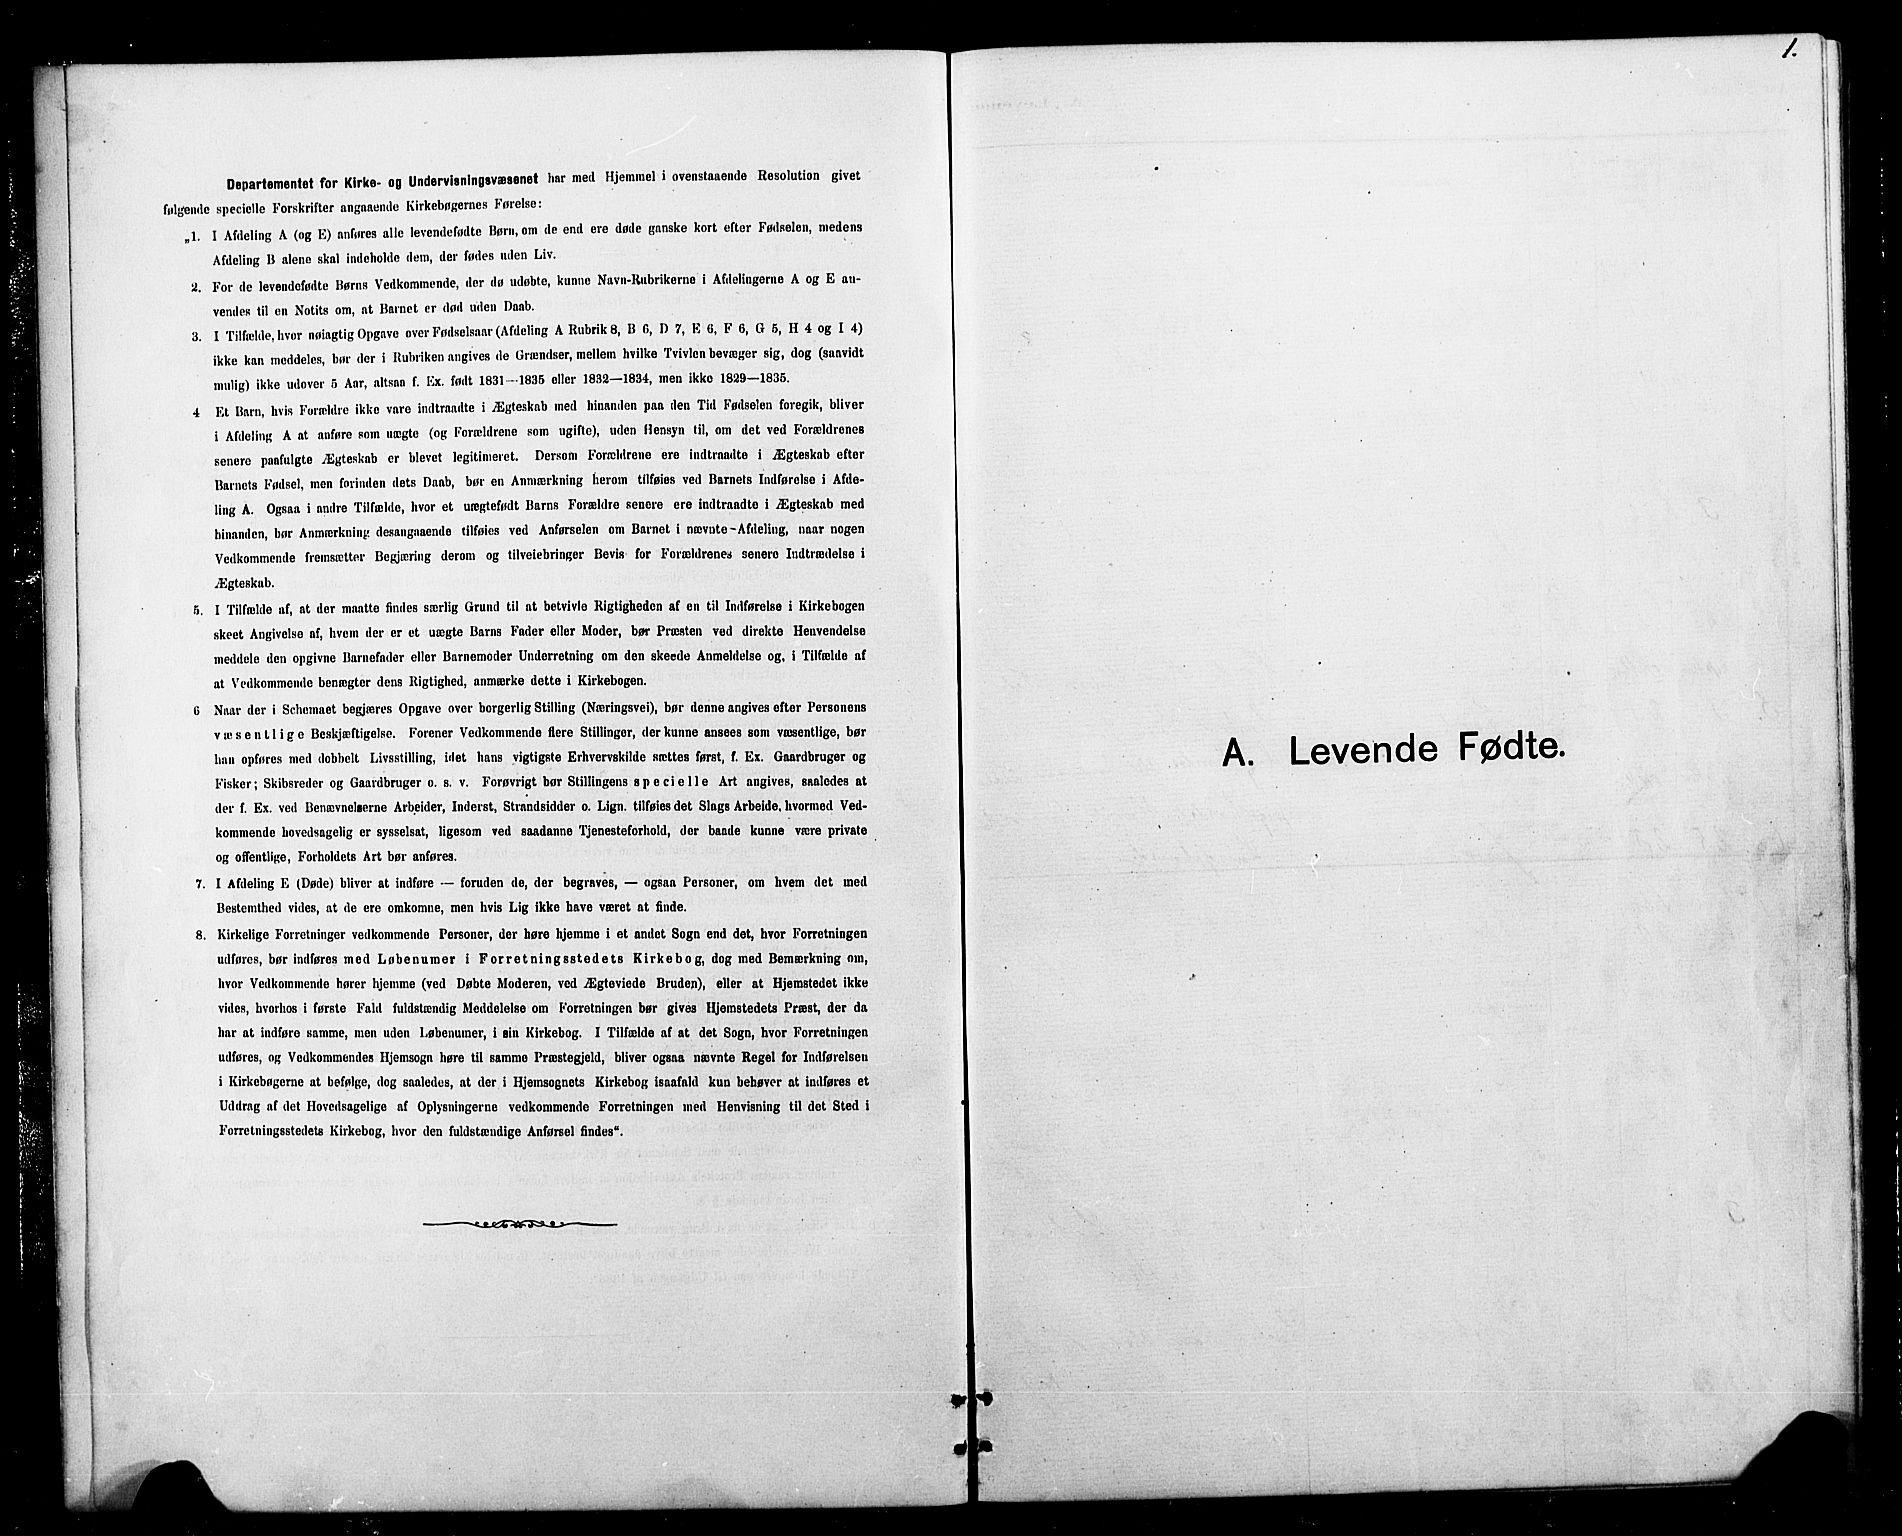 SAT, Ministerialprotokoller, klokkerbøker og fødselsregistre - Sør-Trøndelag, 693/L1123: Klokkerbok nr. 693C04, 1887-1910, s. 1